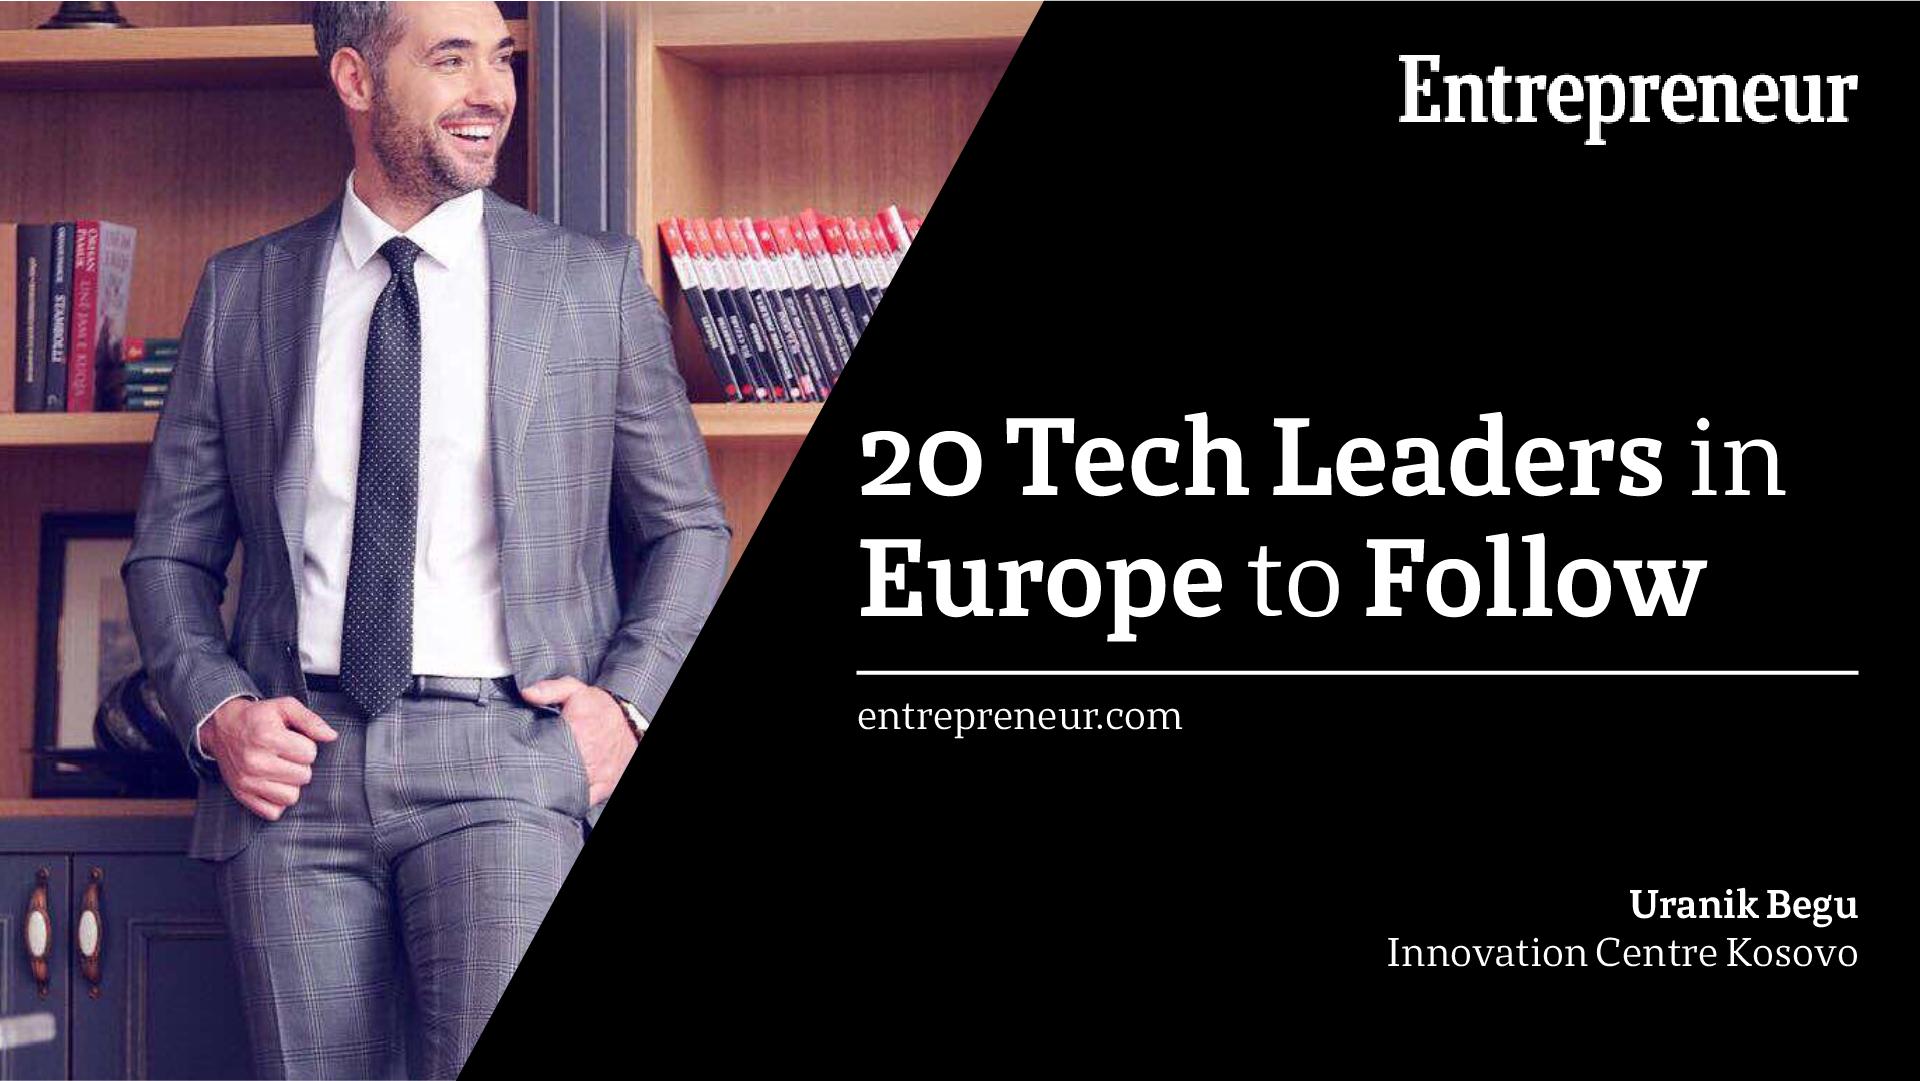 """Uranik Begu nga Kosova në listën e 20 liderëve të Industrisë së Tech në Europë nga """"Entrepreneur"""""""